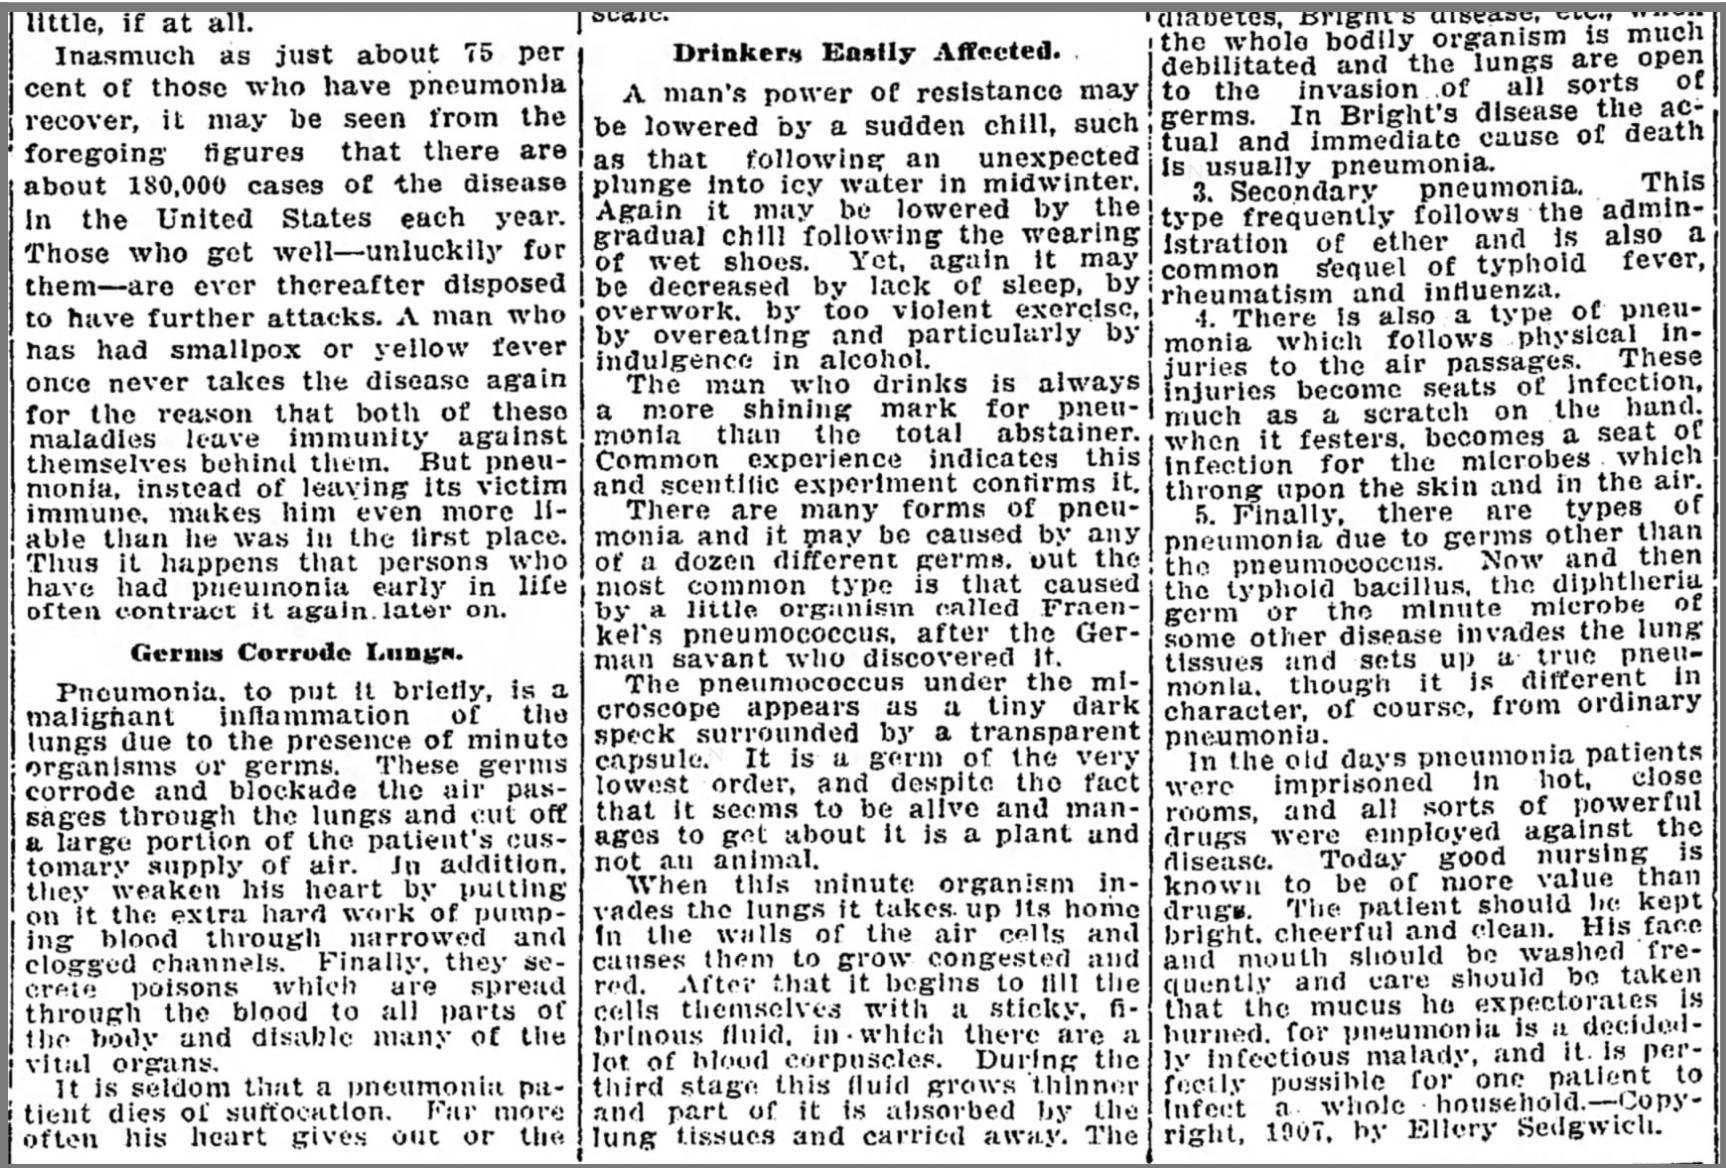 Detroit Free Press 4/22/1907